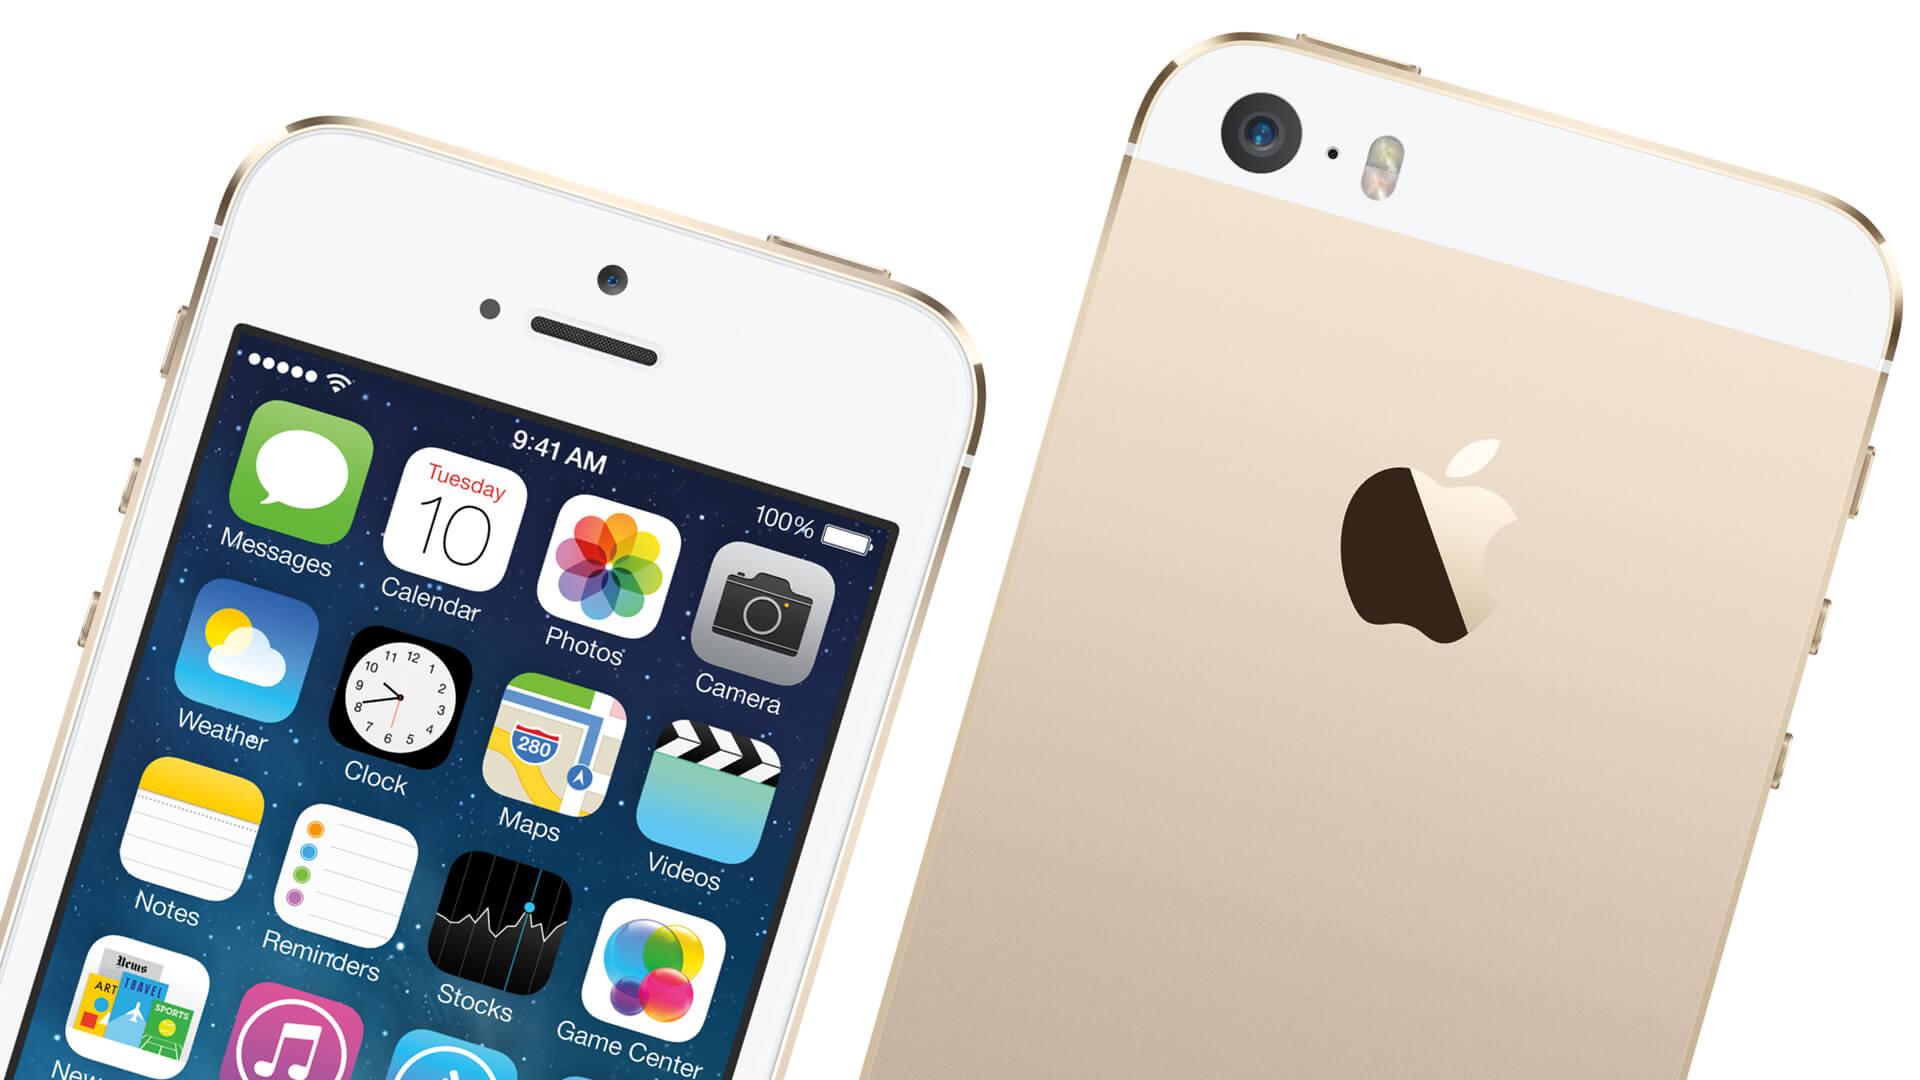 Одним из наиболее популярных запросов 2013 года стал iPhone 5s